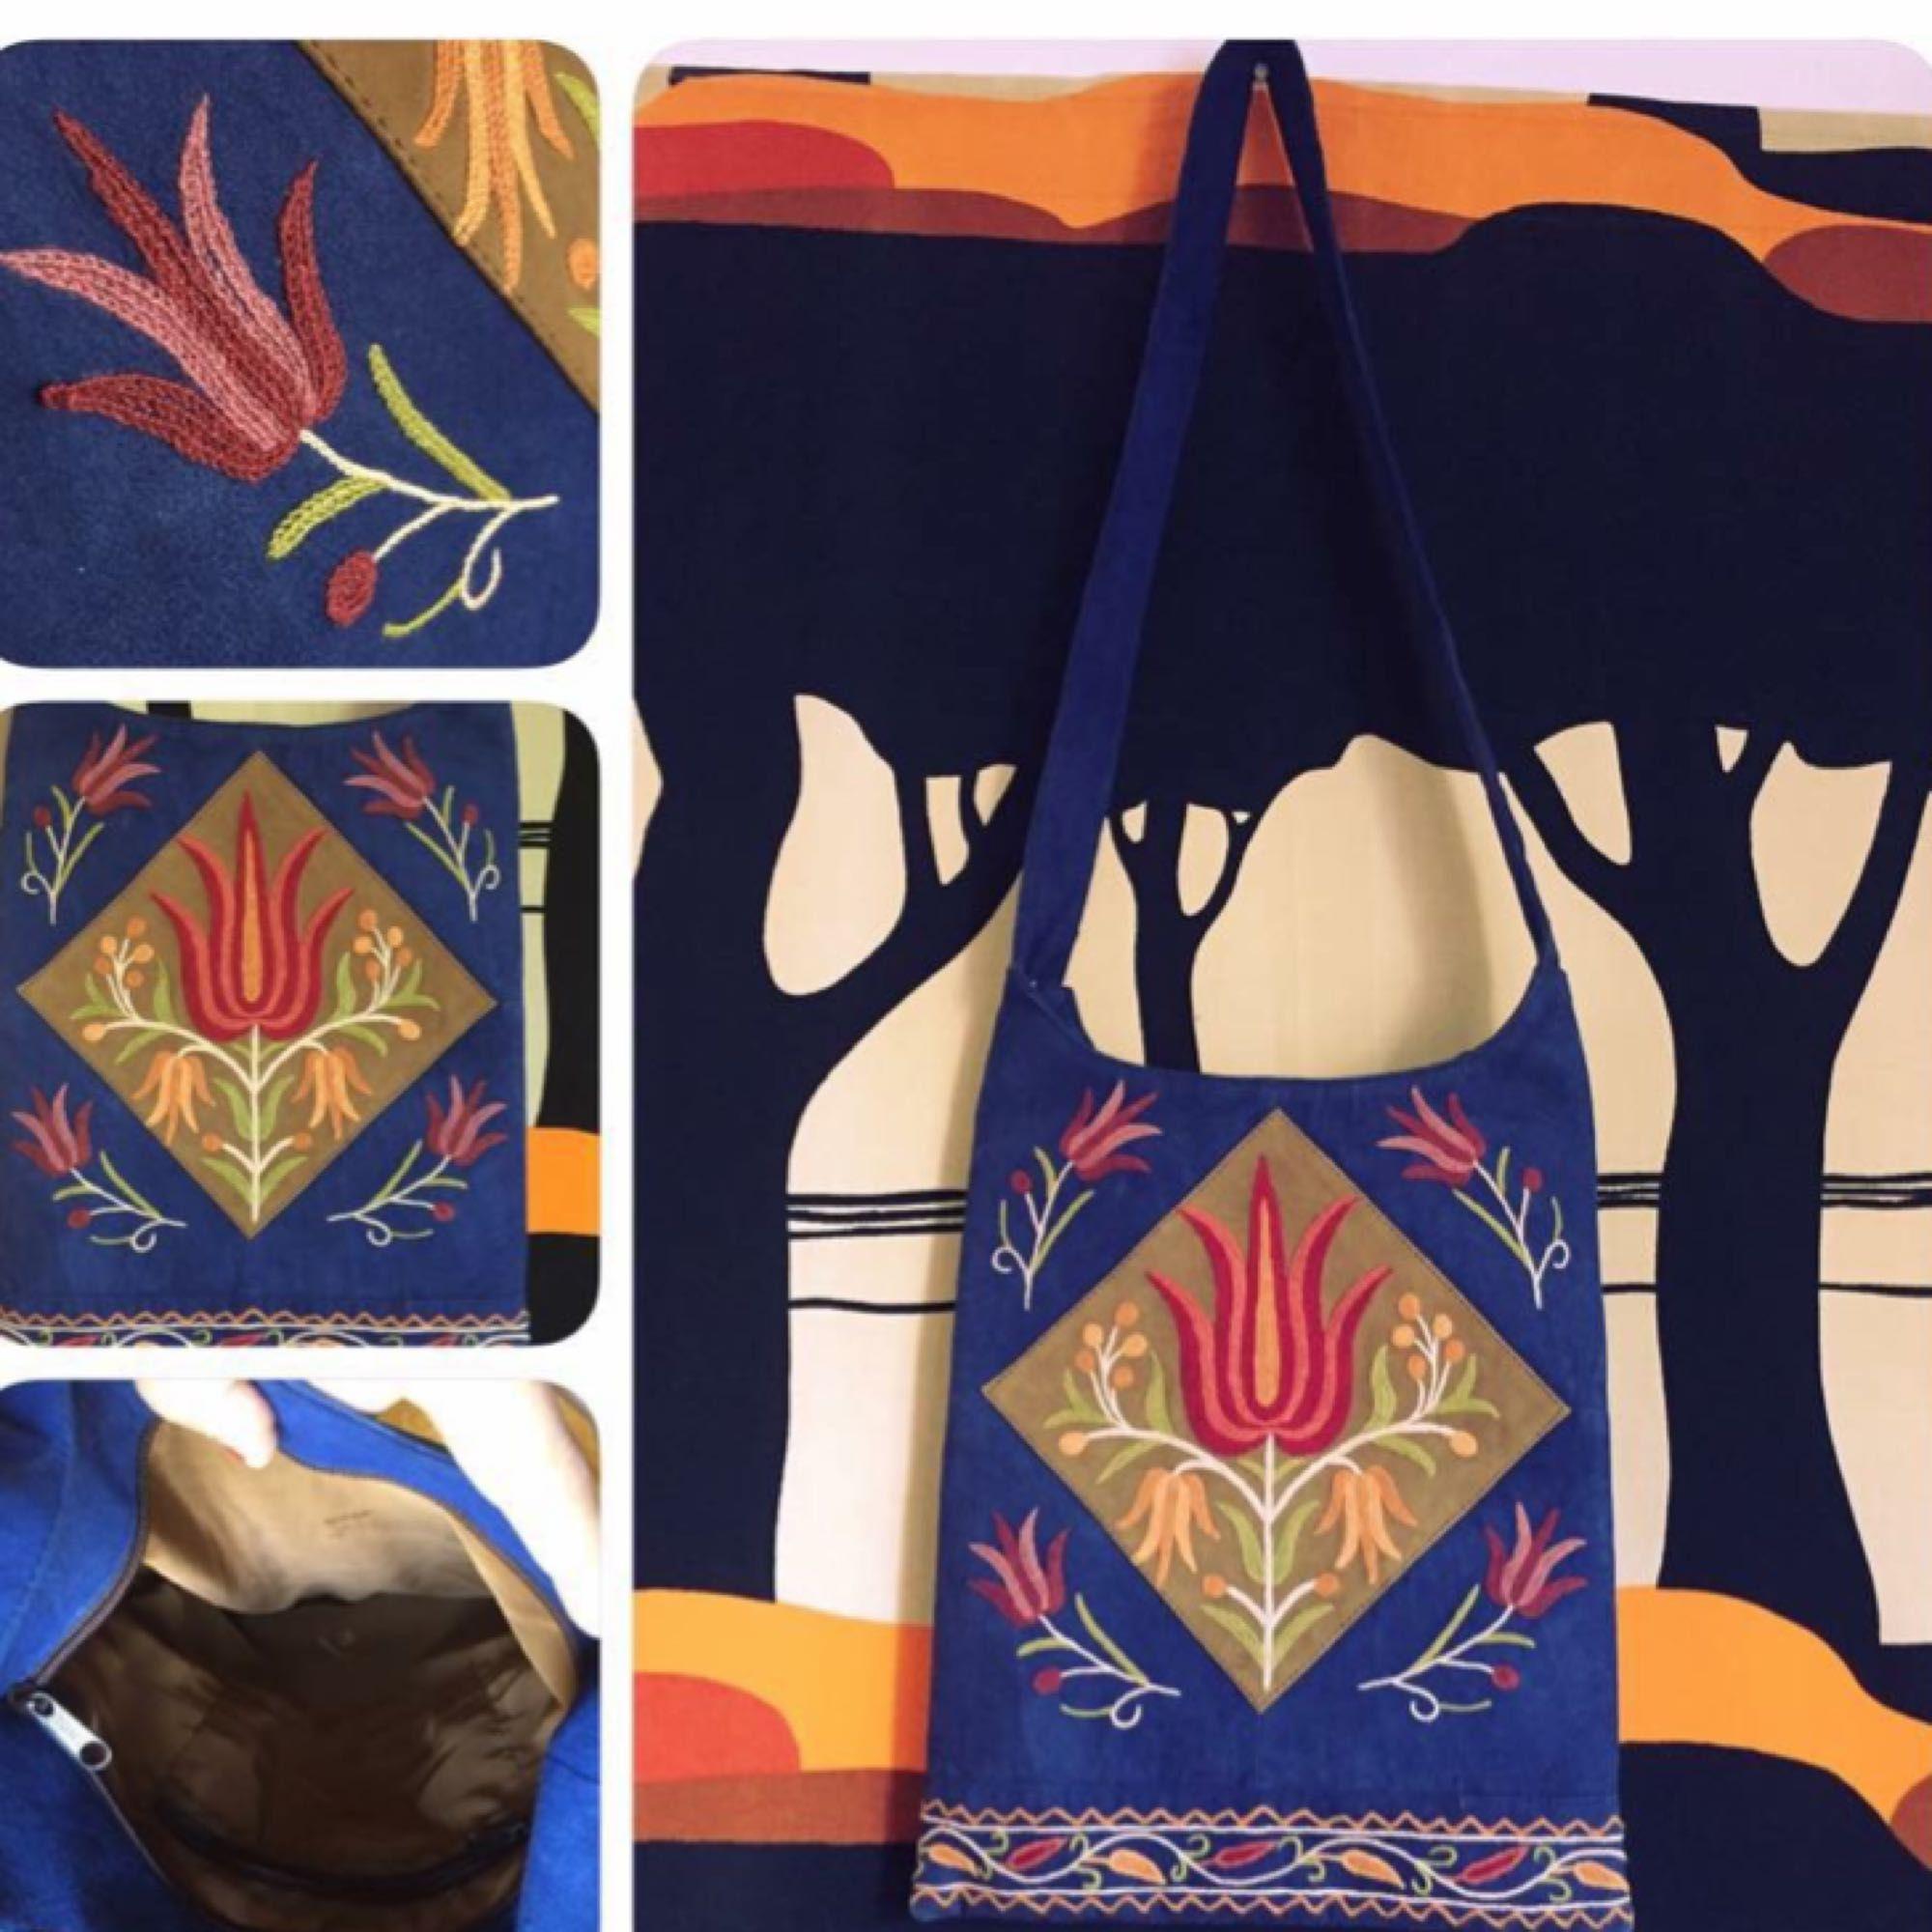 e581eb1b668 130 kr pp för världens skönaste o tjusigaste väska! Mjukaste semskskinn  (som supermjuk mocka ...